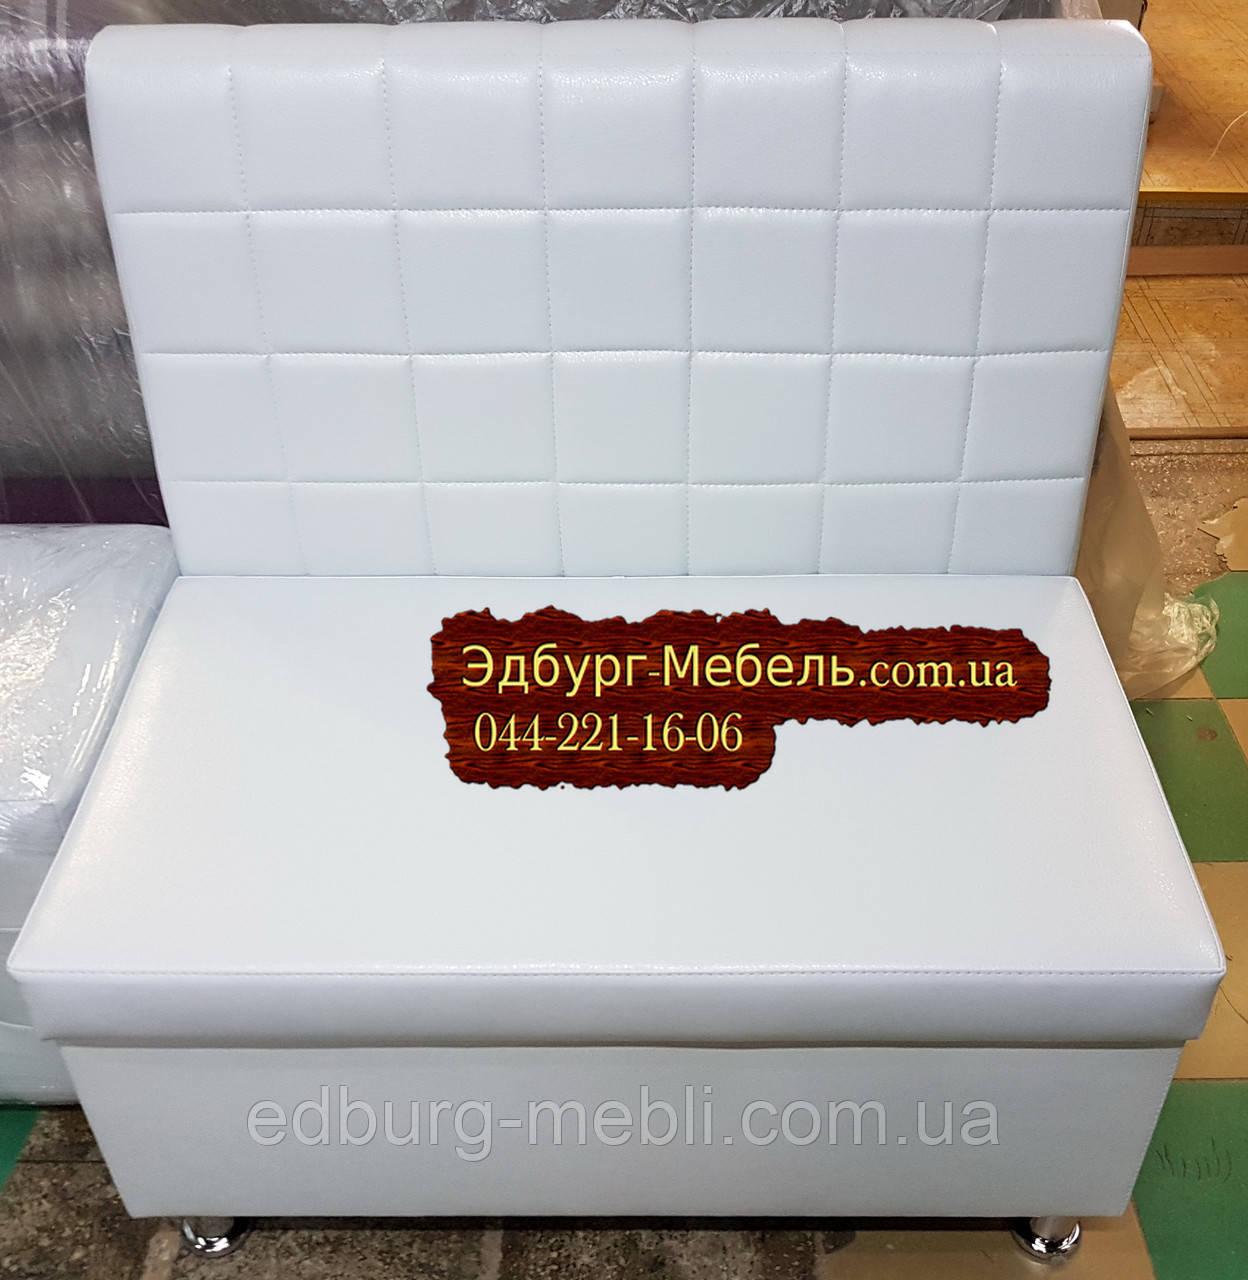 Диваны для кафе недорого 1000х600х900мм - Эдбург-мебель производcтво мягкой мебели  в Киеве